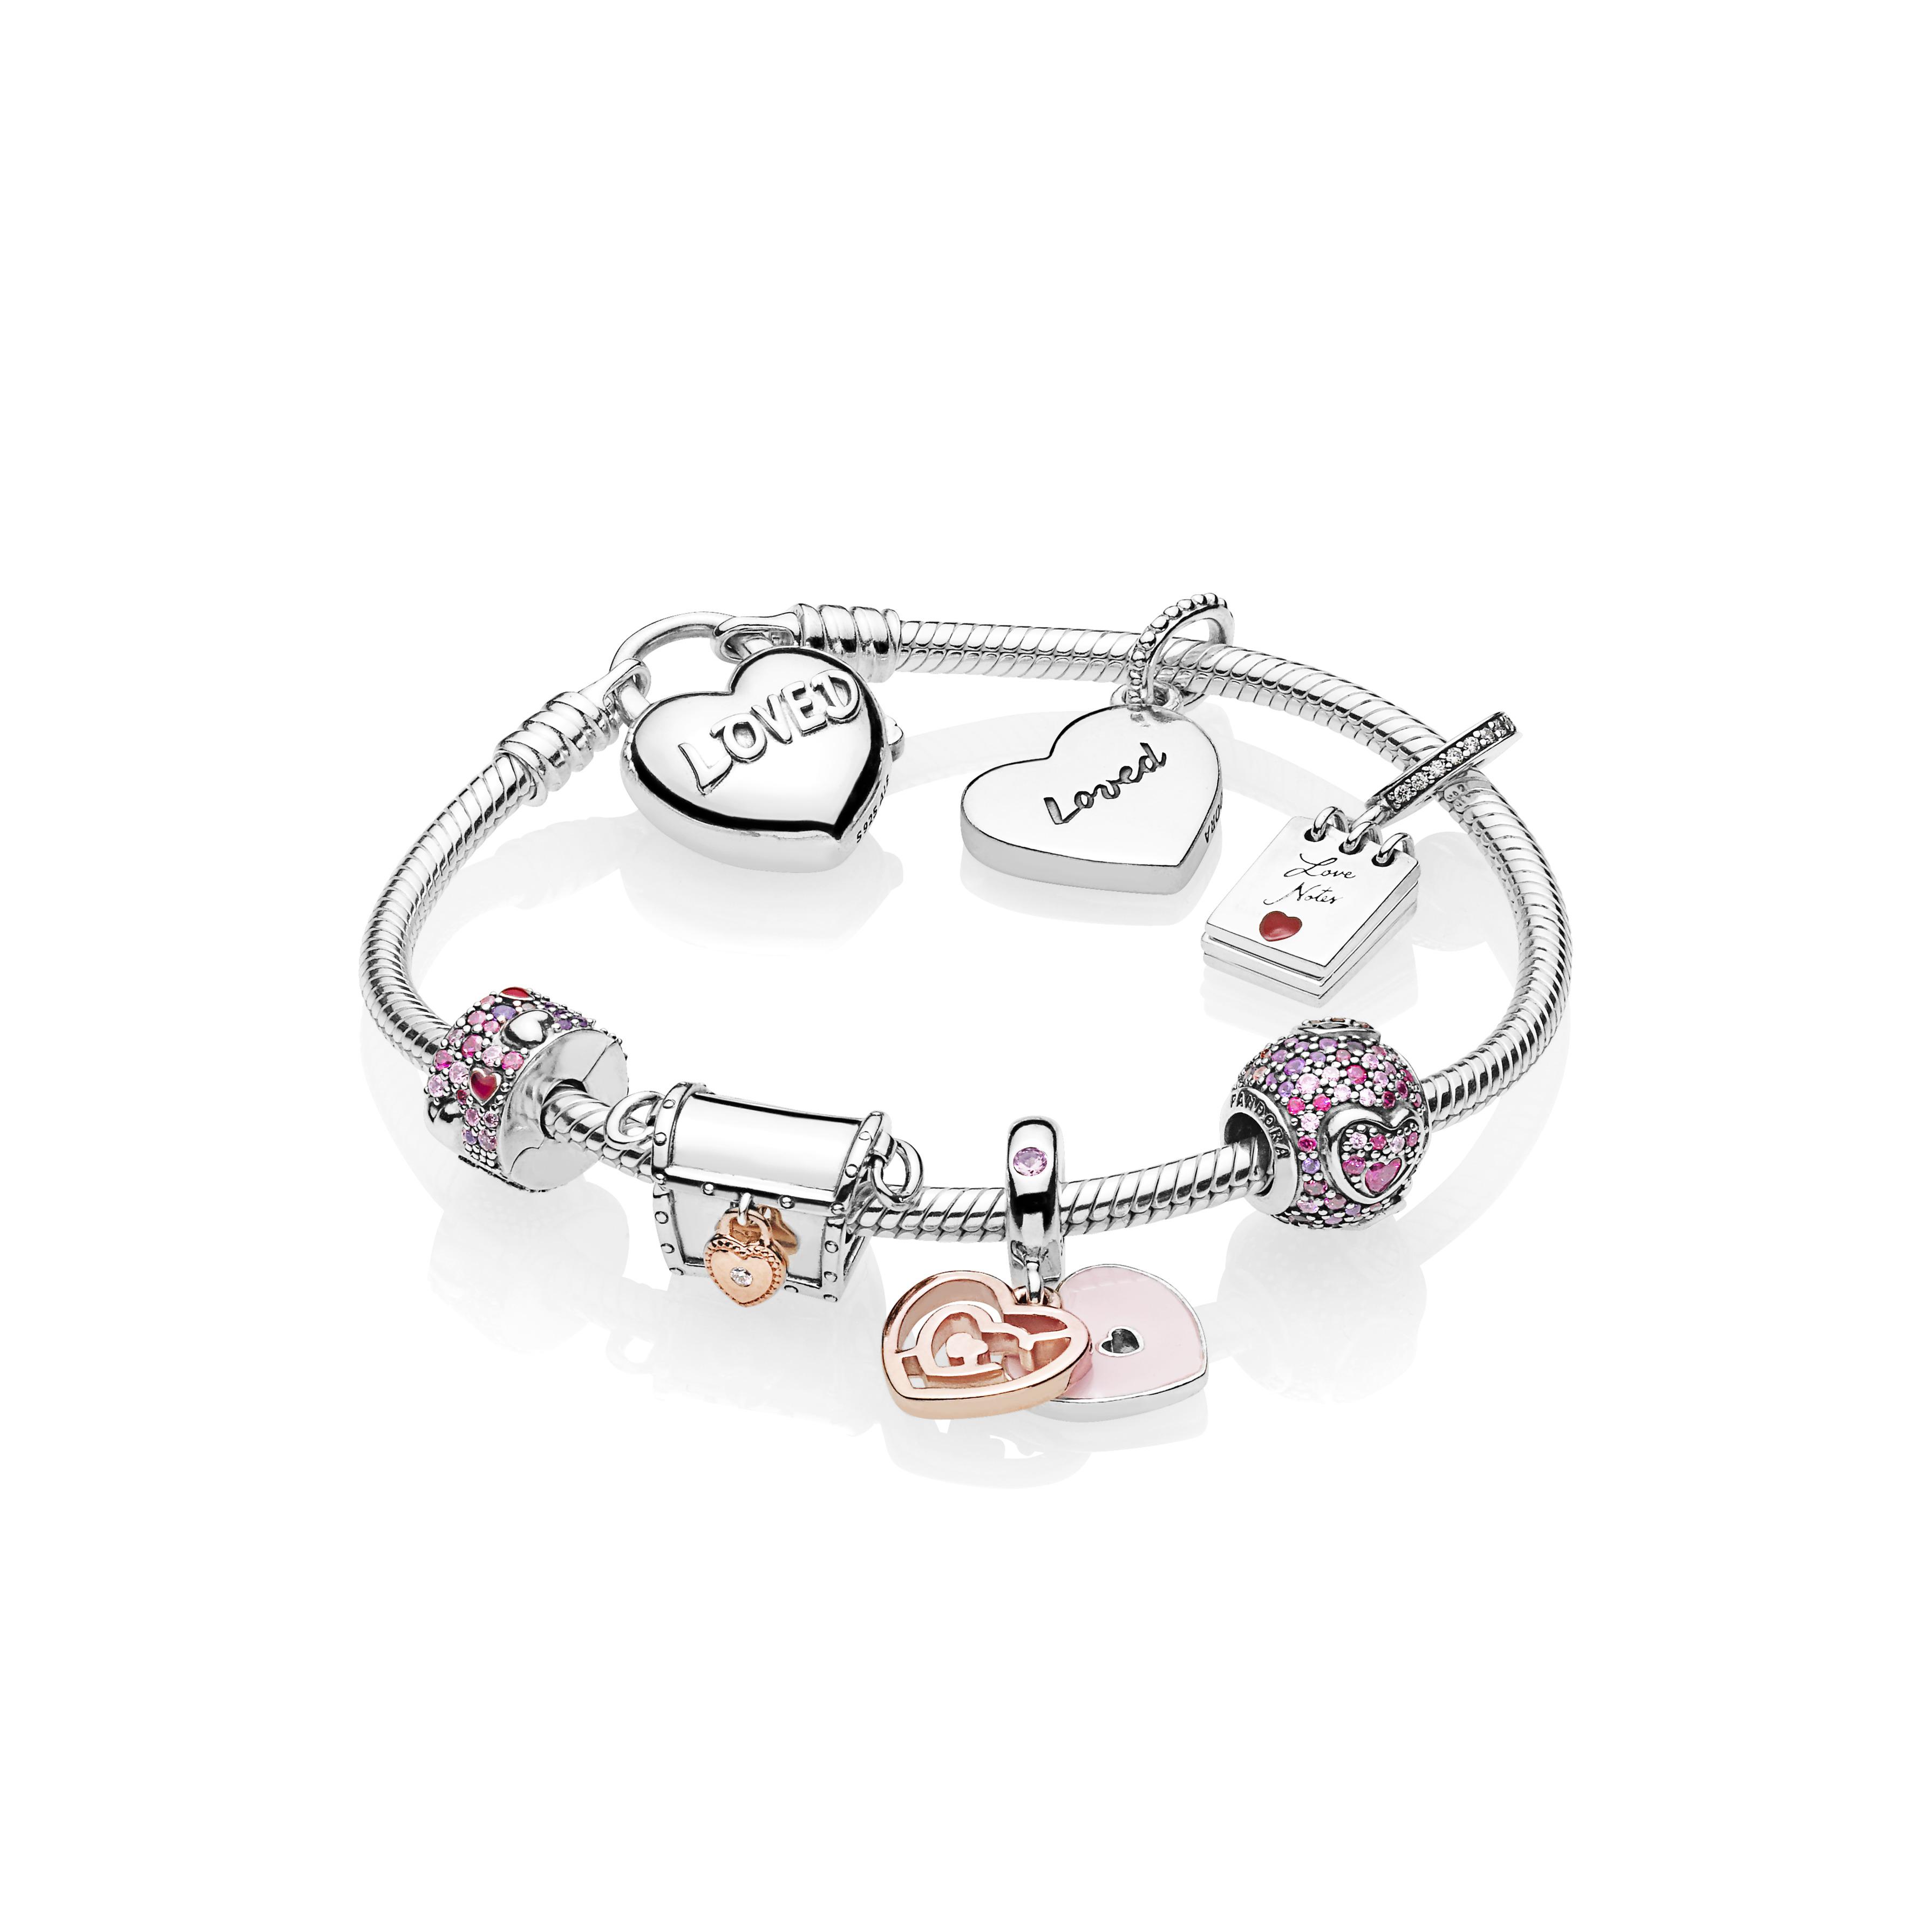 Pandora lanza en San Valentín  una nueva colección de charms y clips en plata esterlina  y zirconias.